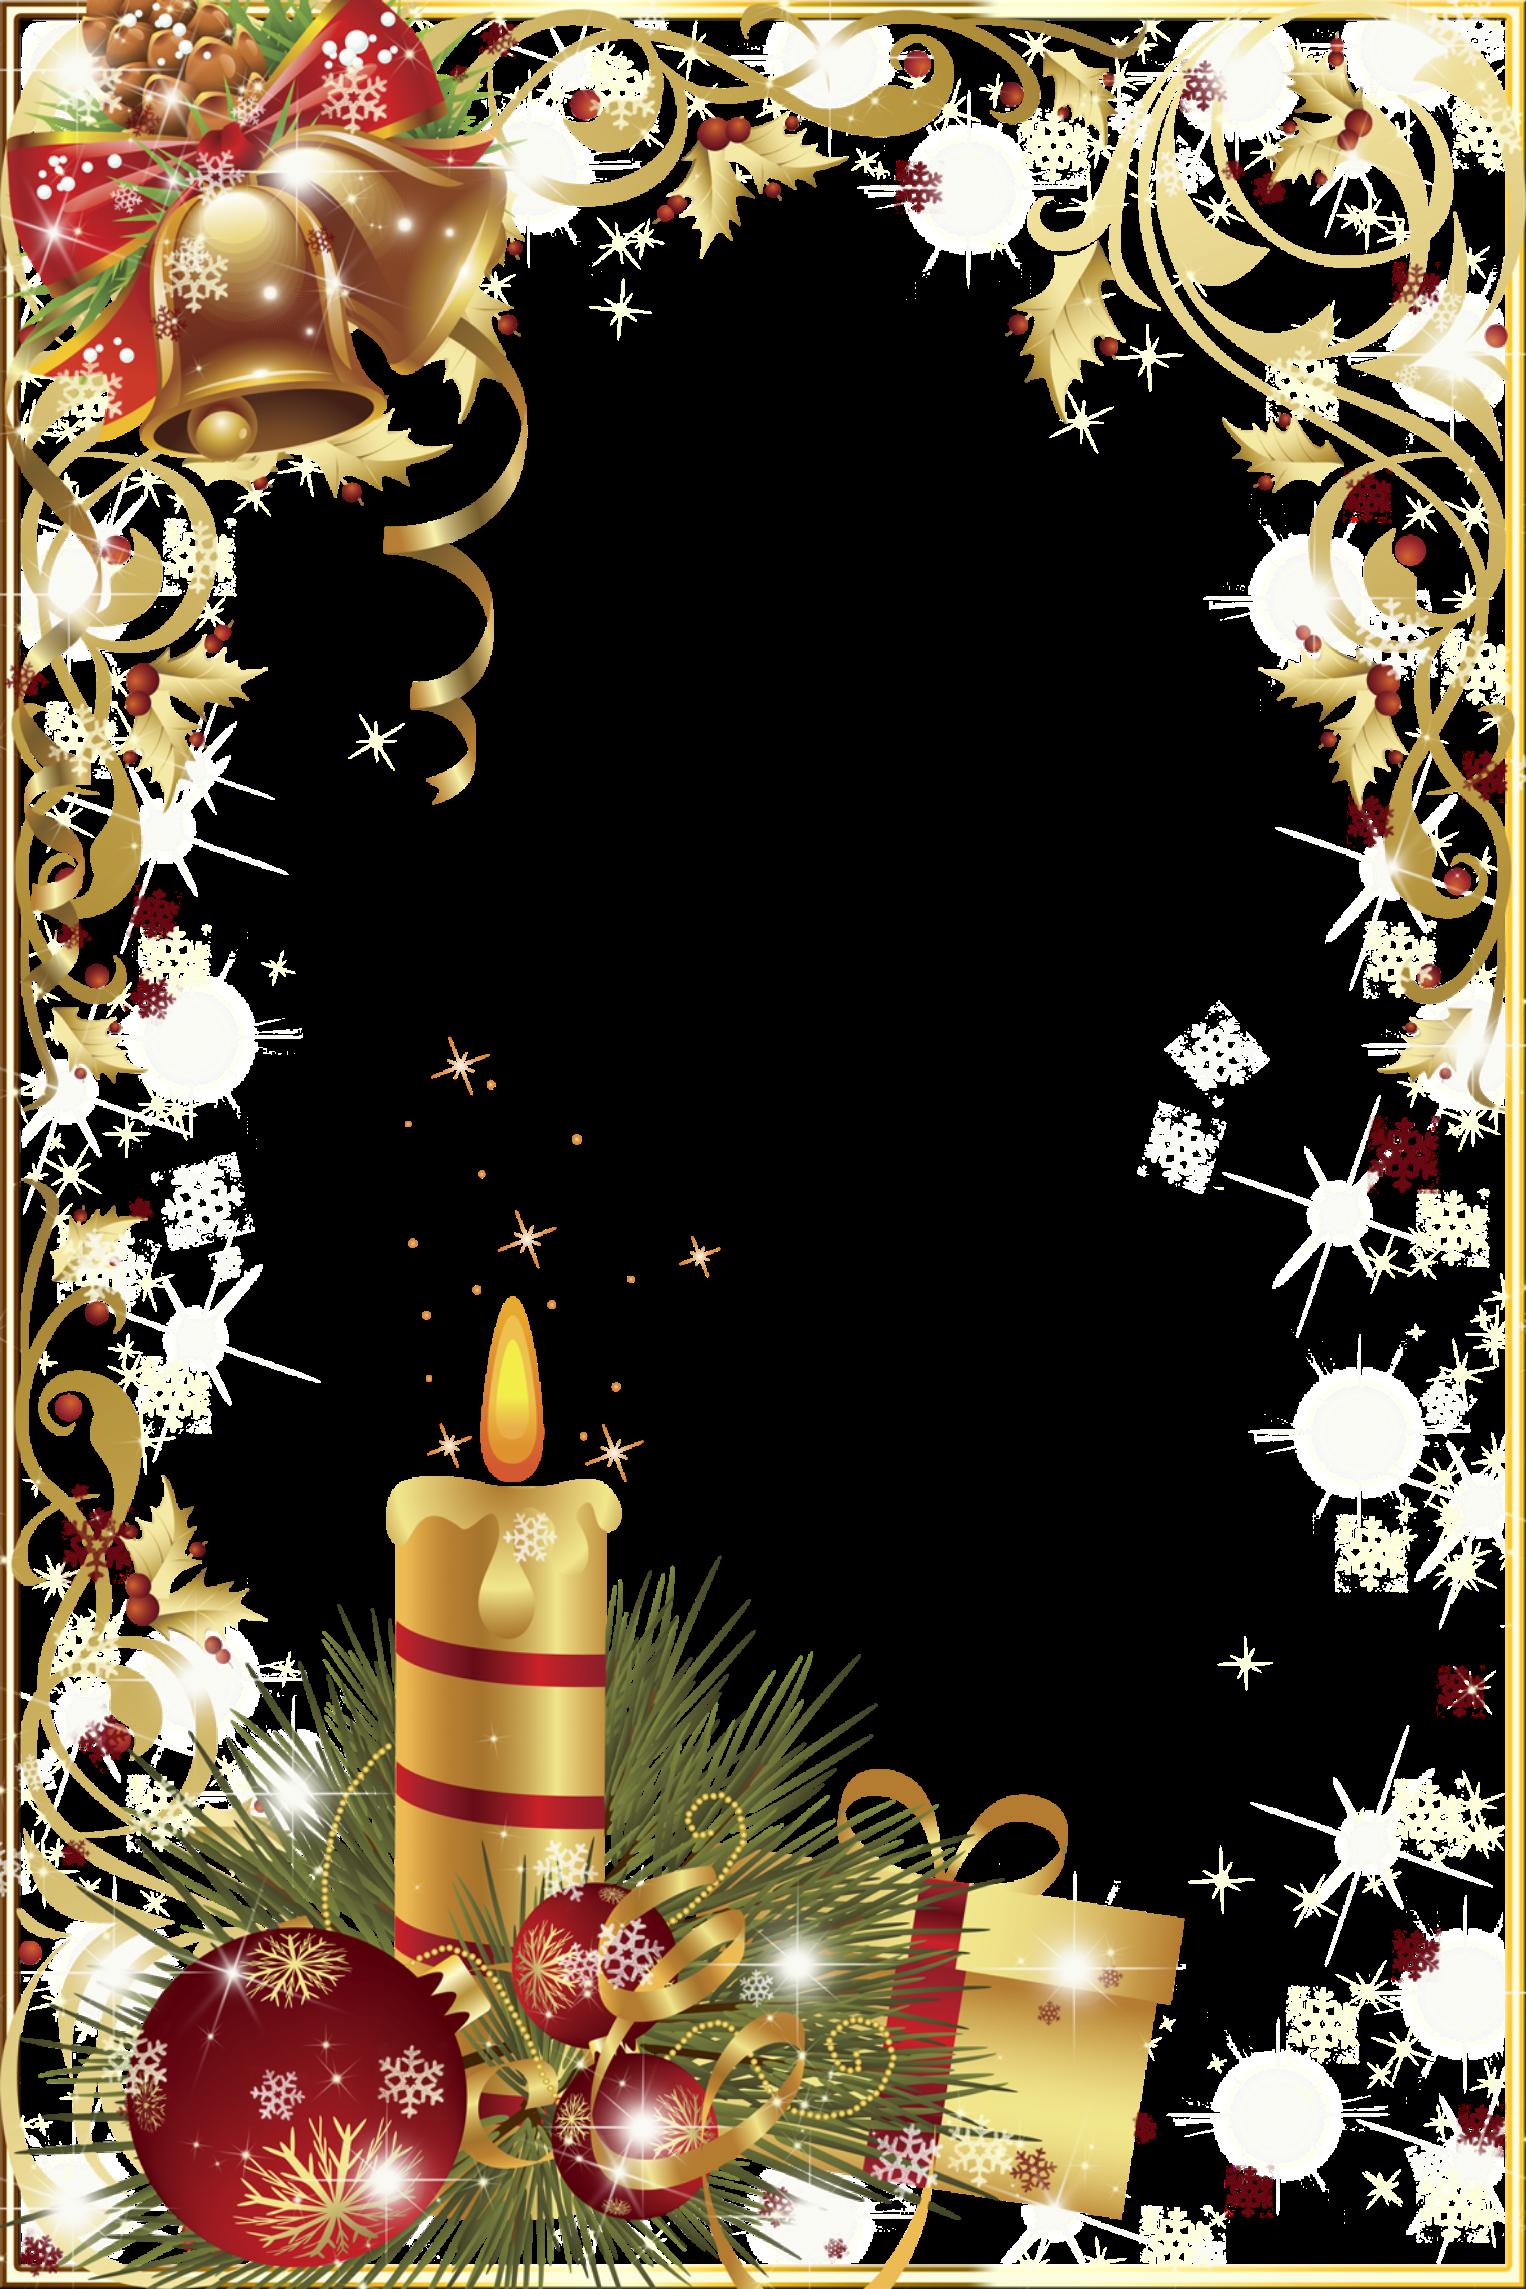 Картинки рамки новый год 2019 красивые